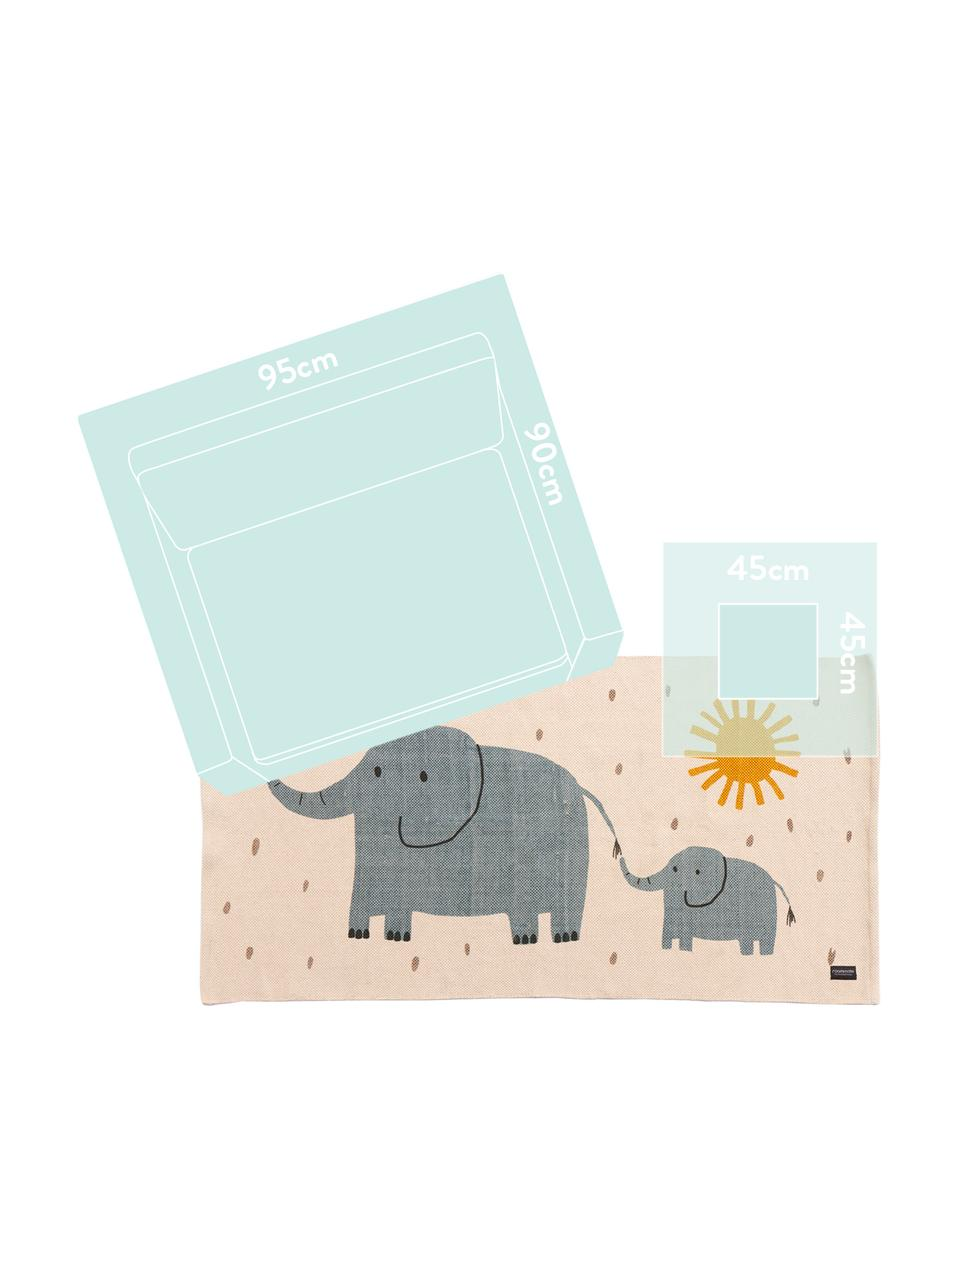 Teppich Elephant, Baumwolle, Öko-Tex-zertifiziert, Gebrochenes Weiß, 70 x 140 cm